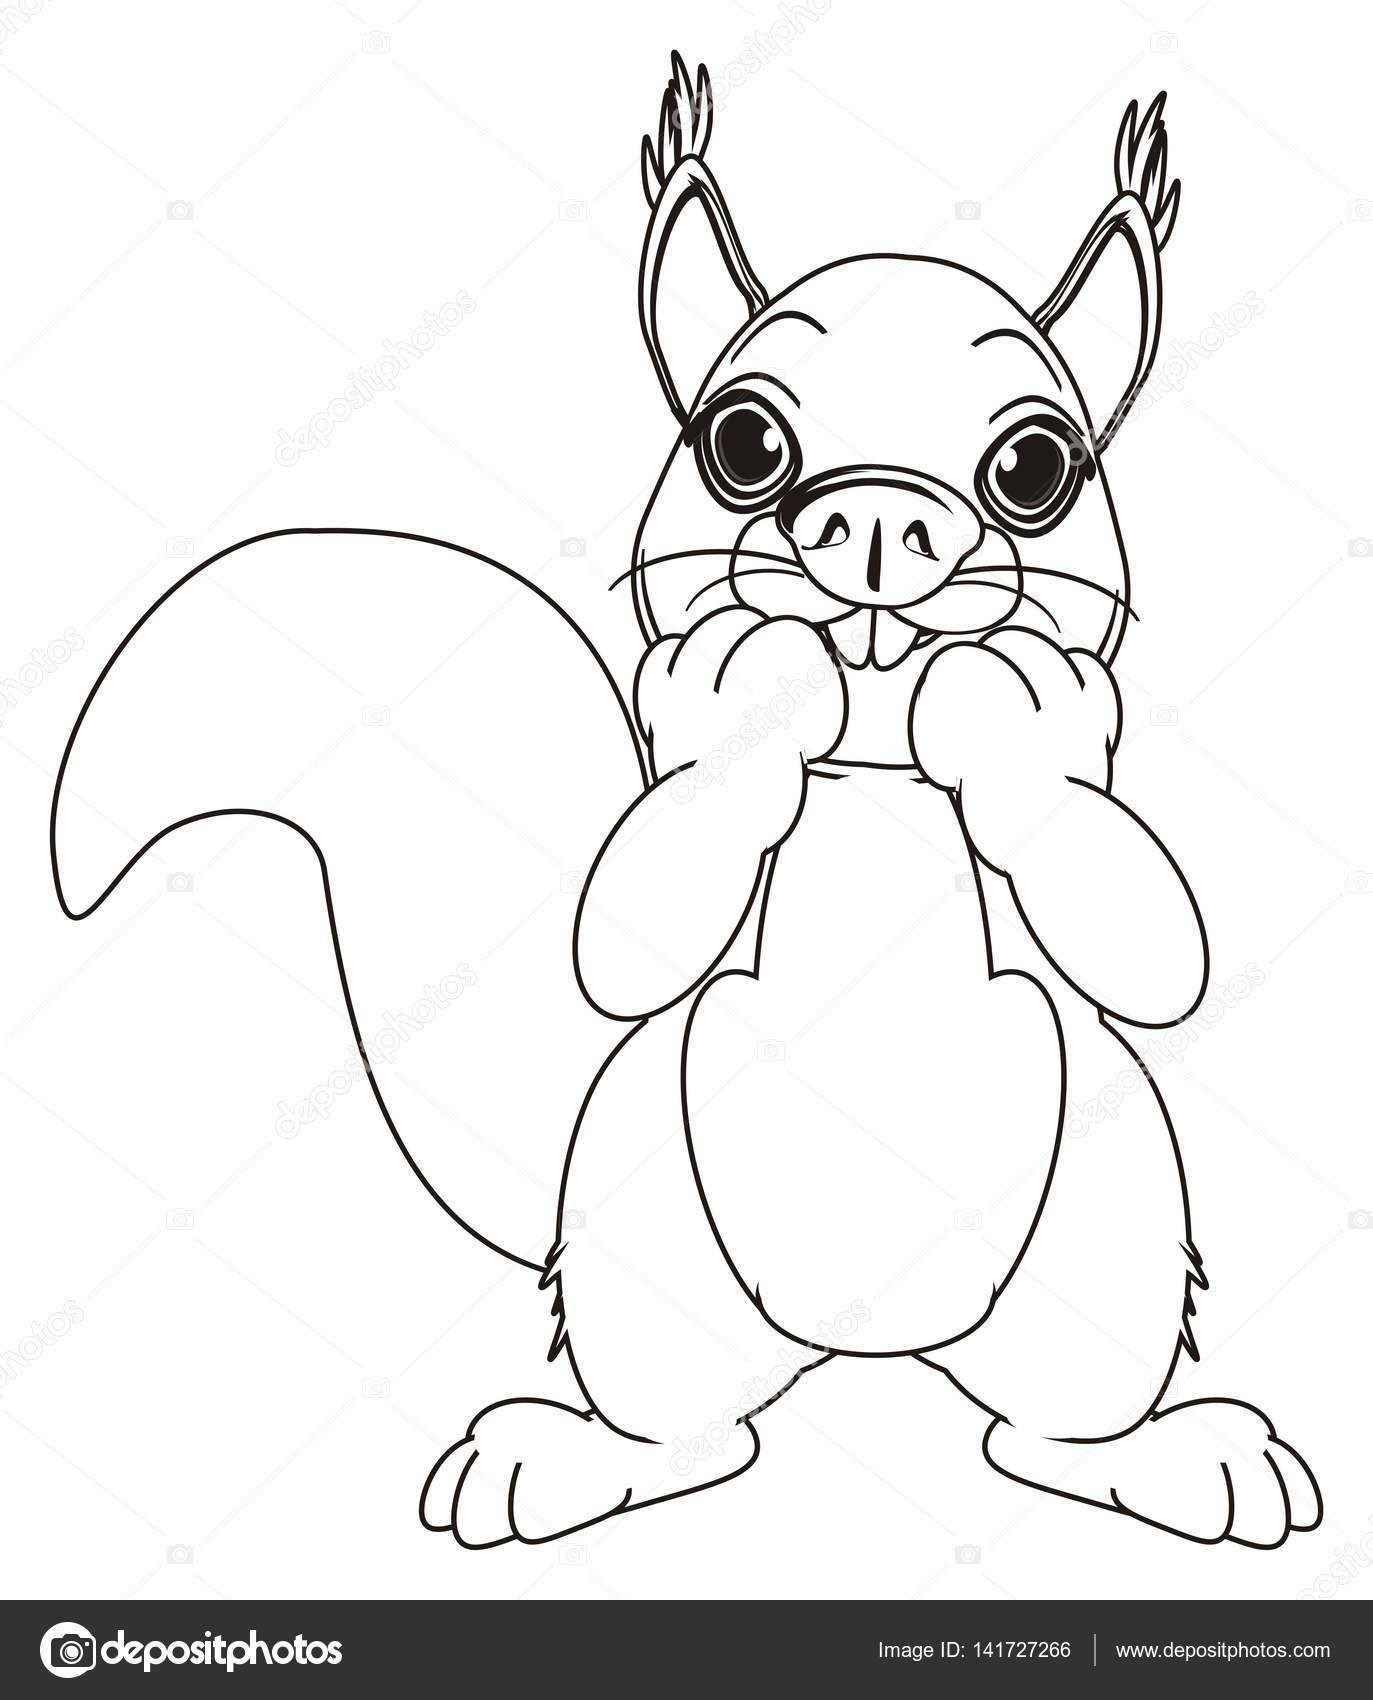 Malvorlagen Eichhörnchen stand — Stockfoto © tatty77tatty #141727266